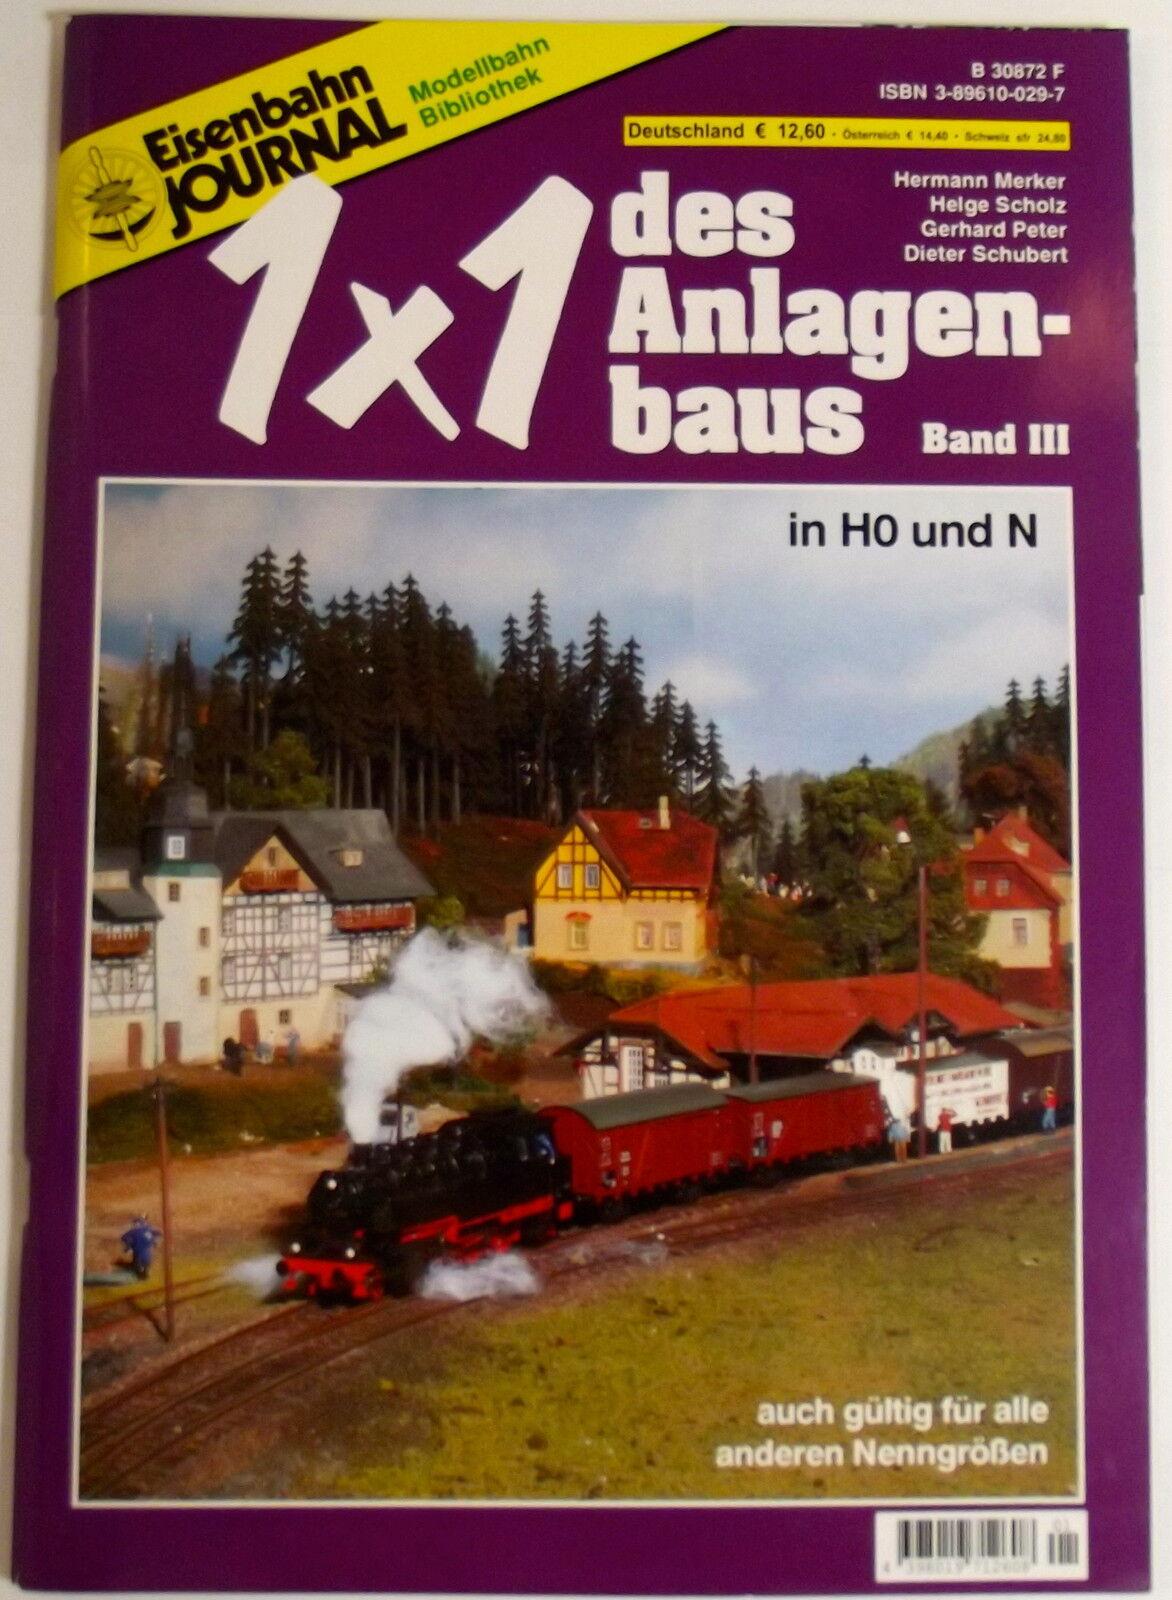 Eisenbahn Journal Modellbahn Bibliothèque 1x1 des 'Usine Bande III